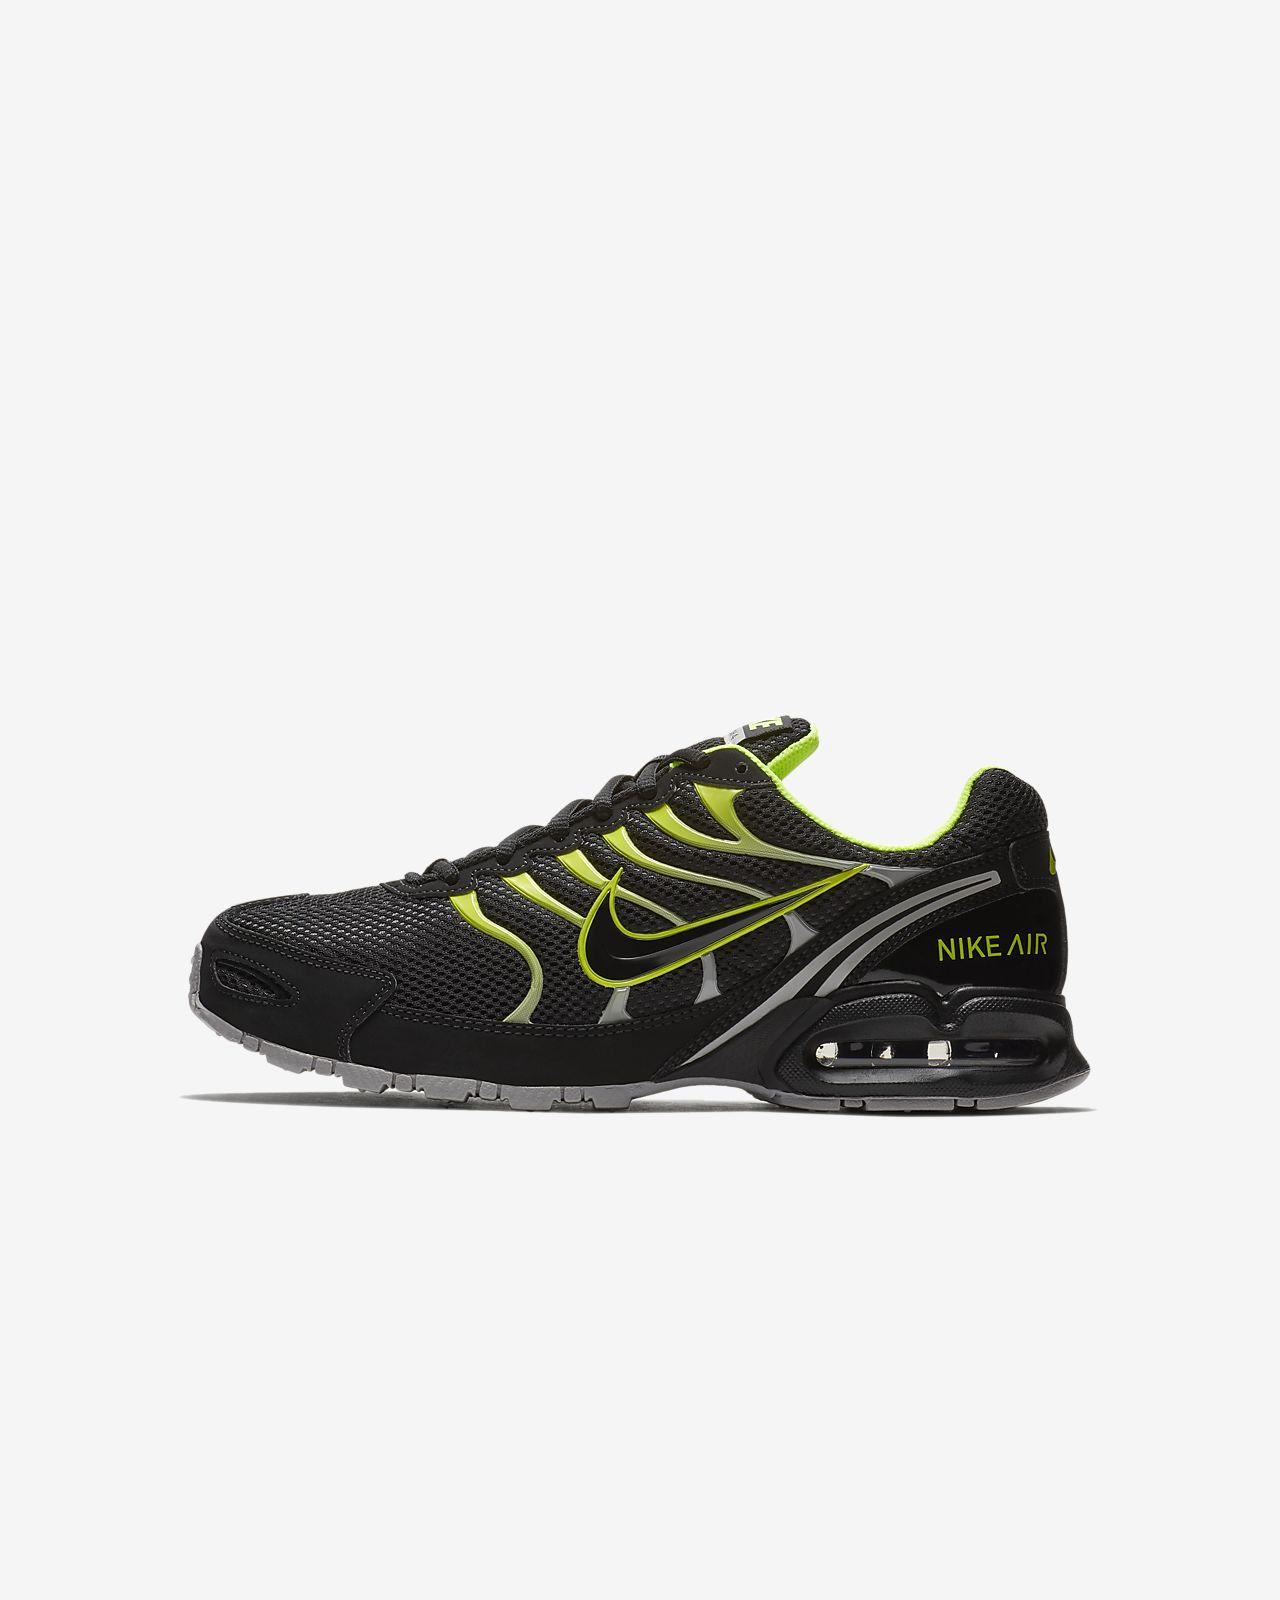 caliente Calzado de running para hombre Nike Air Max Torch 4